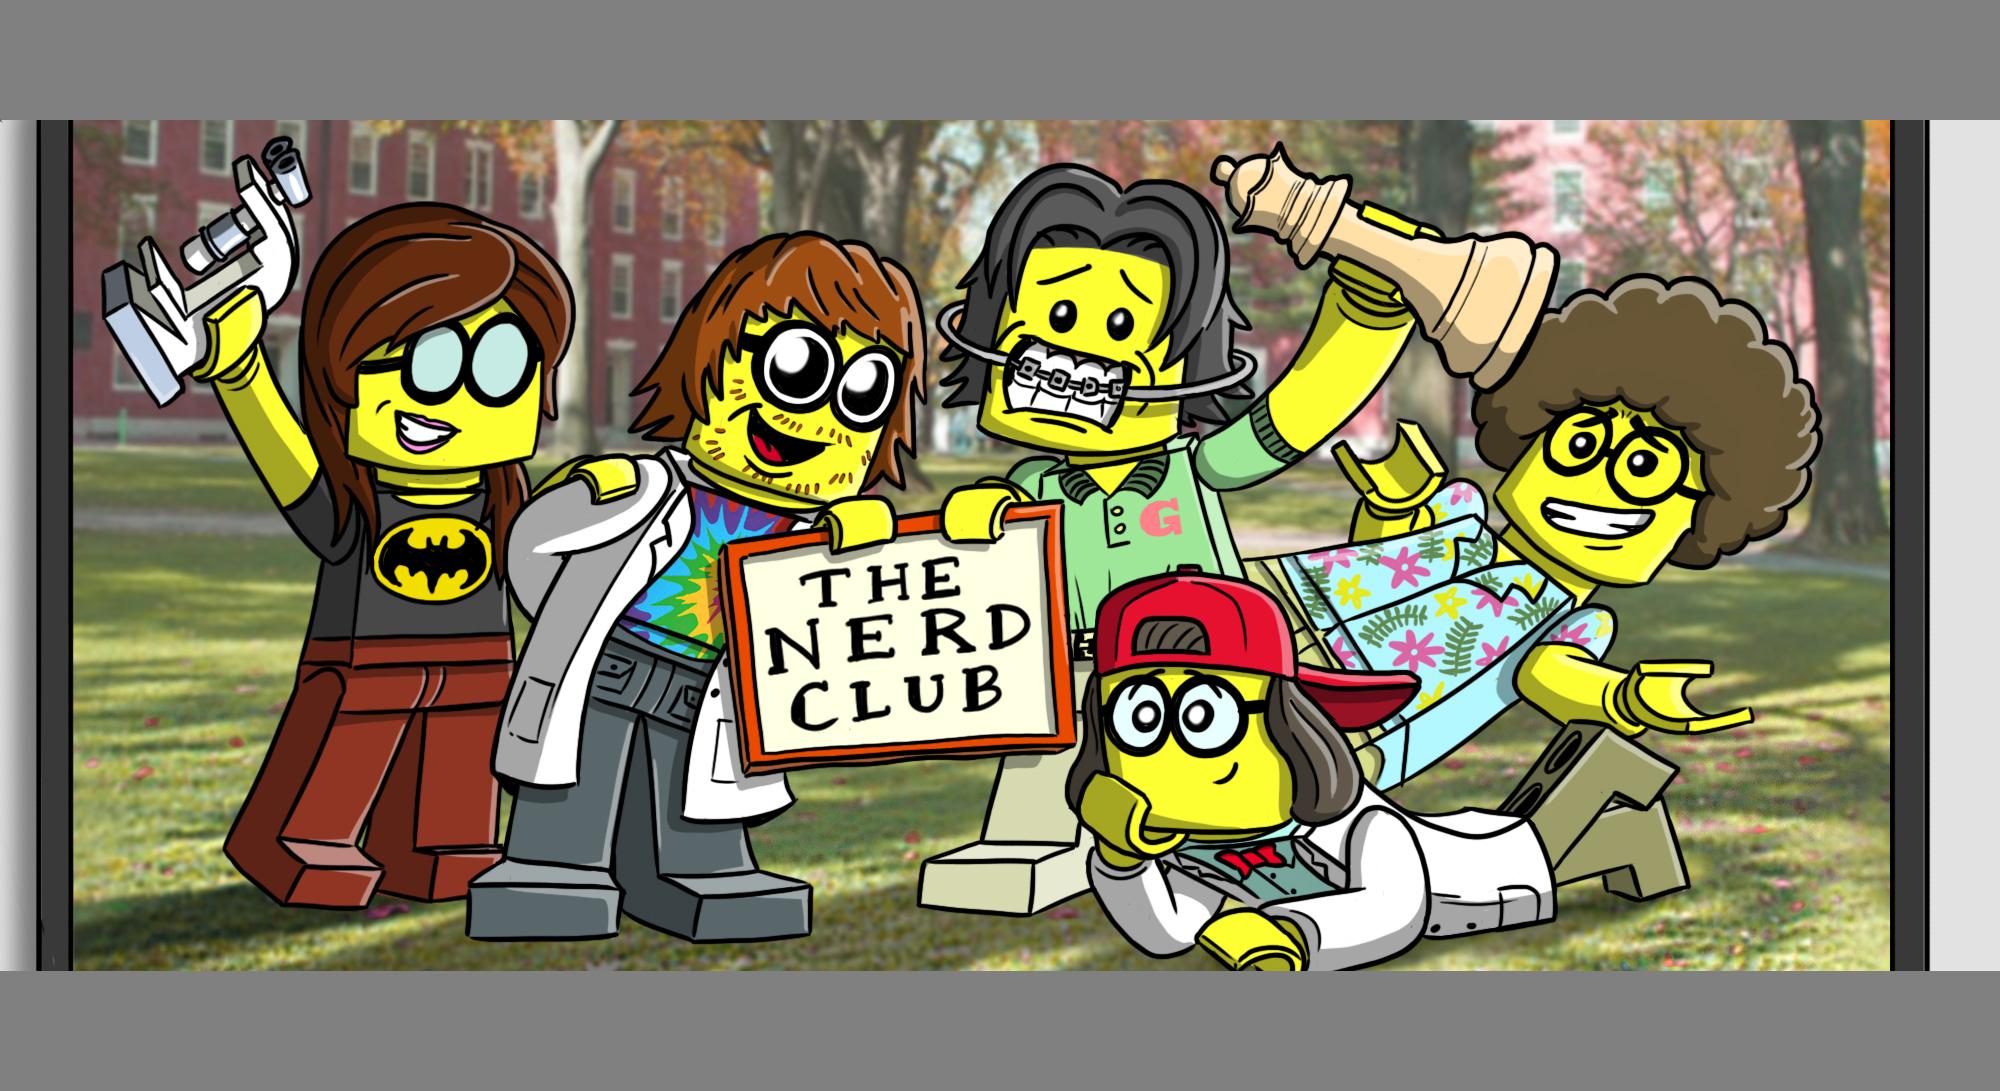 nerd club.jpg